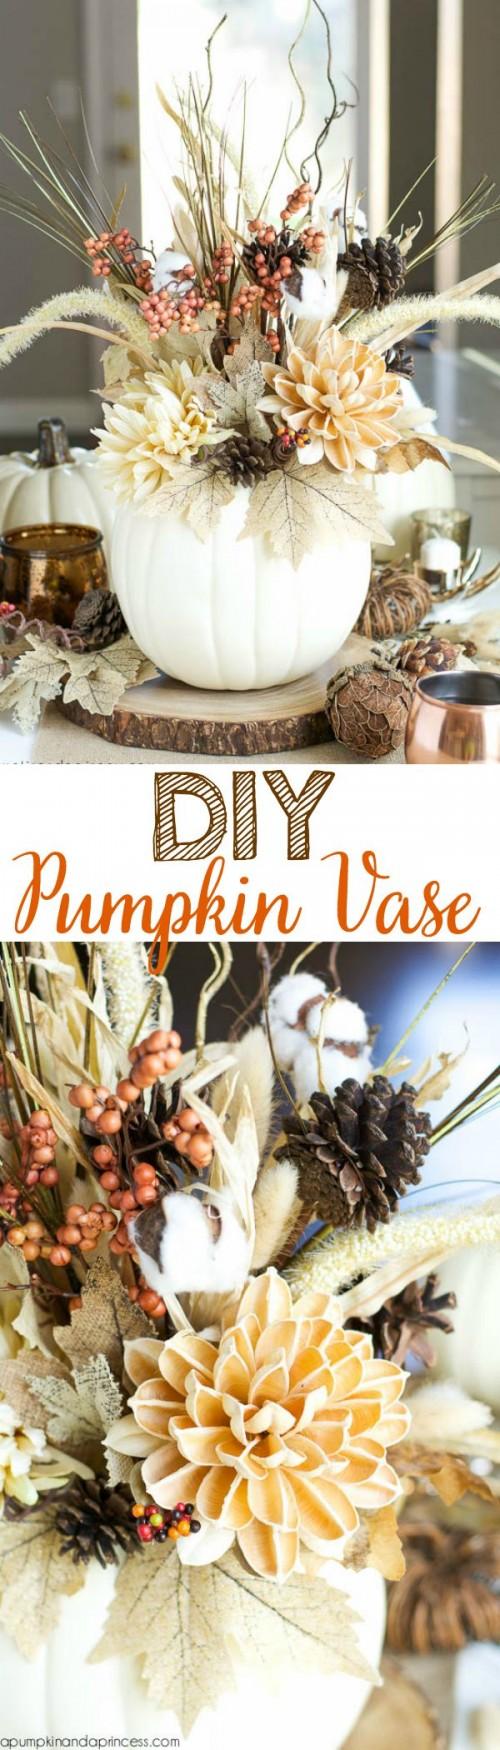 pumpkin vase (via apumpkinandaprincess)